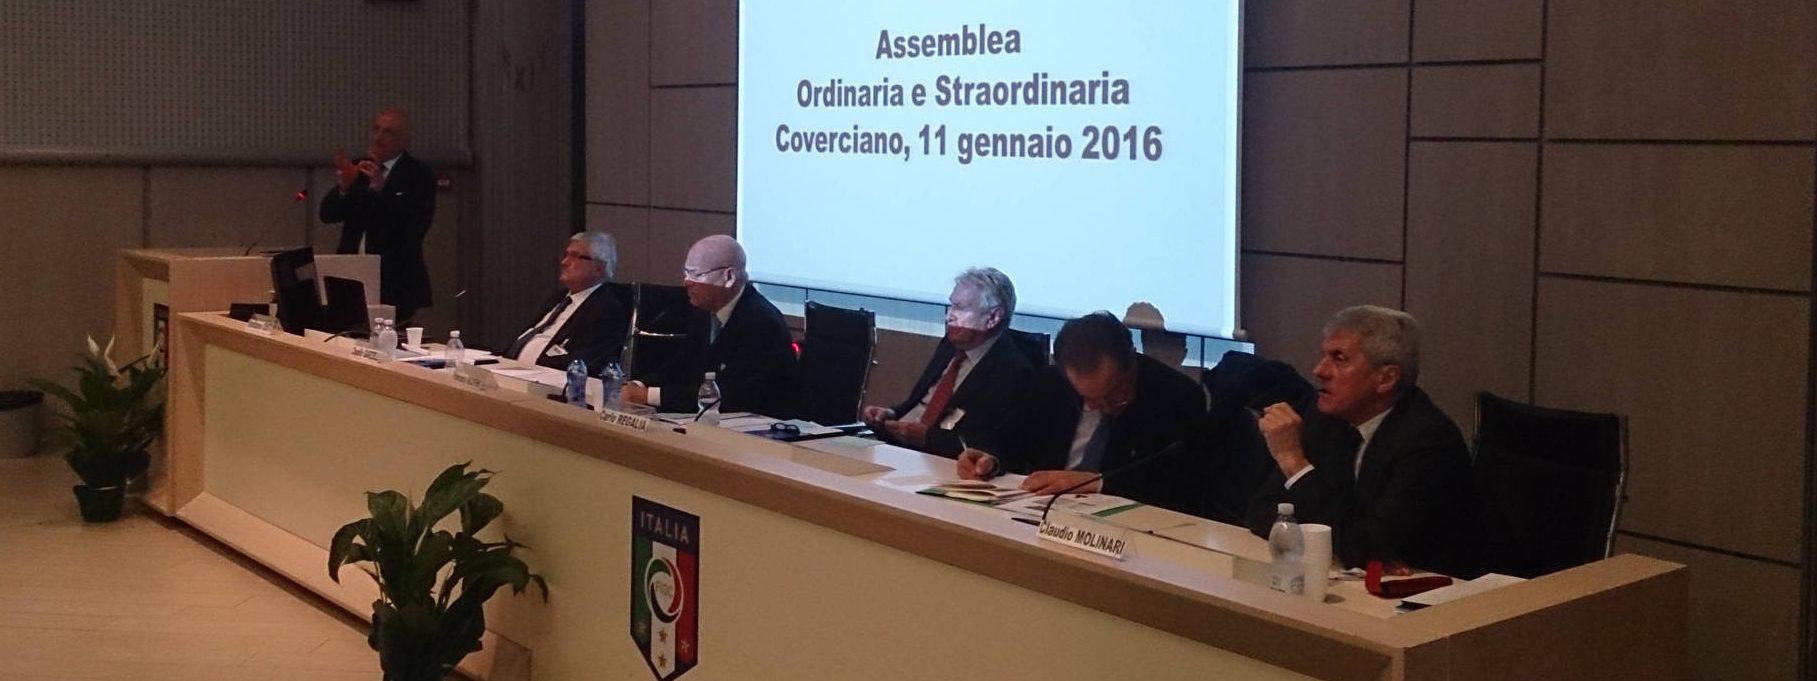 Assemblea Adise 2015/16